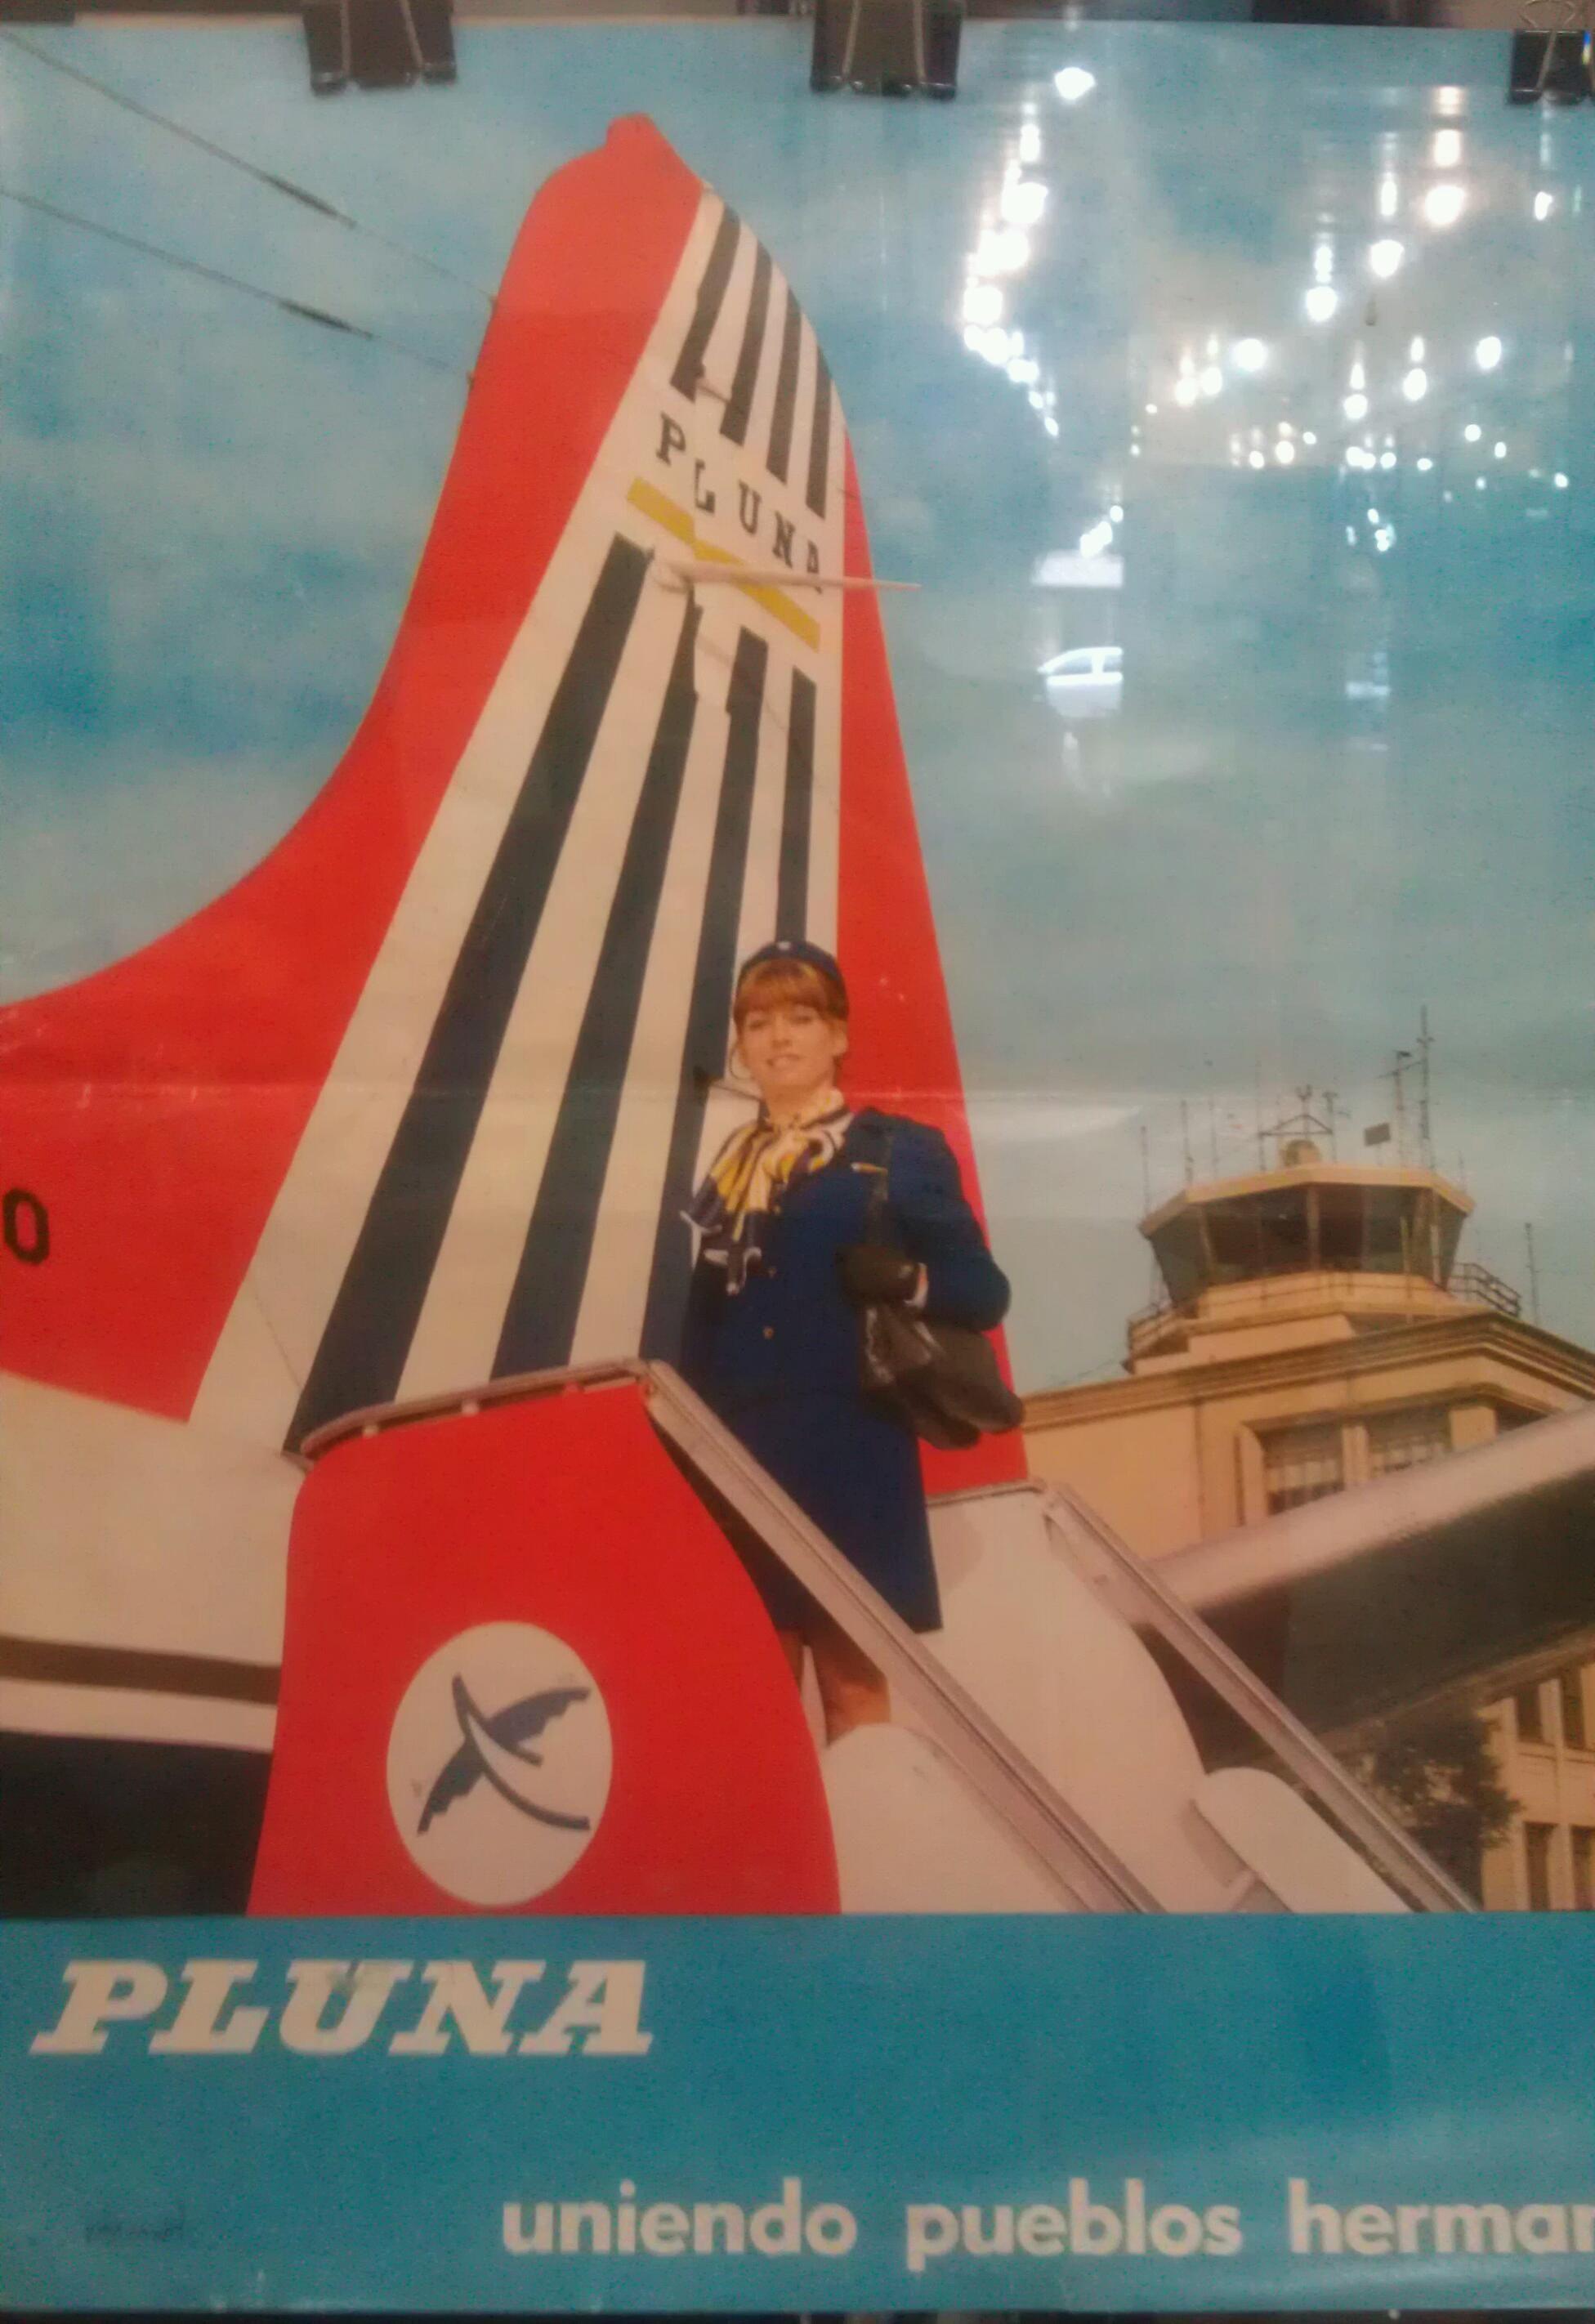 Afiche De Pluna Vintage Travel Posters Travel Posters Vintage Travel